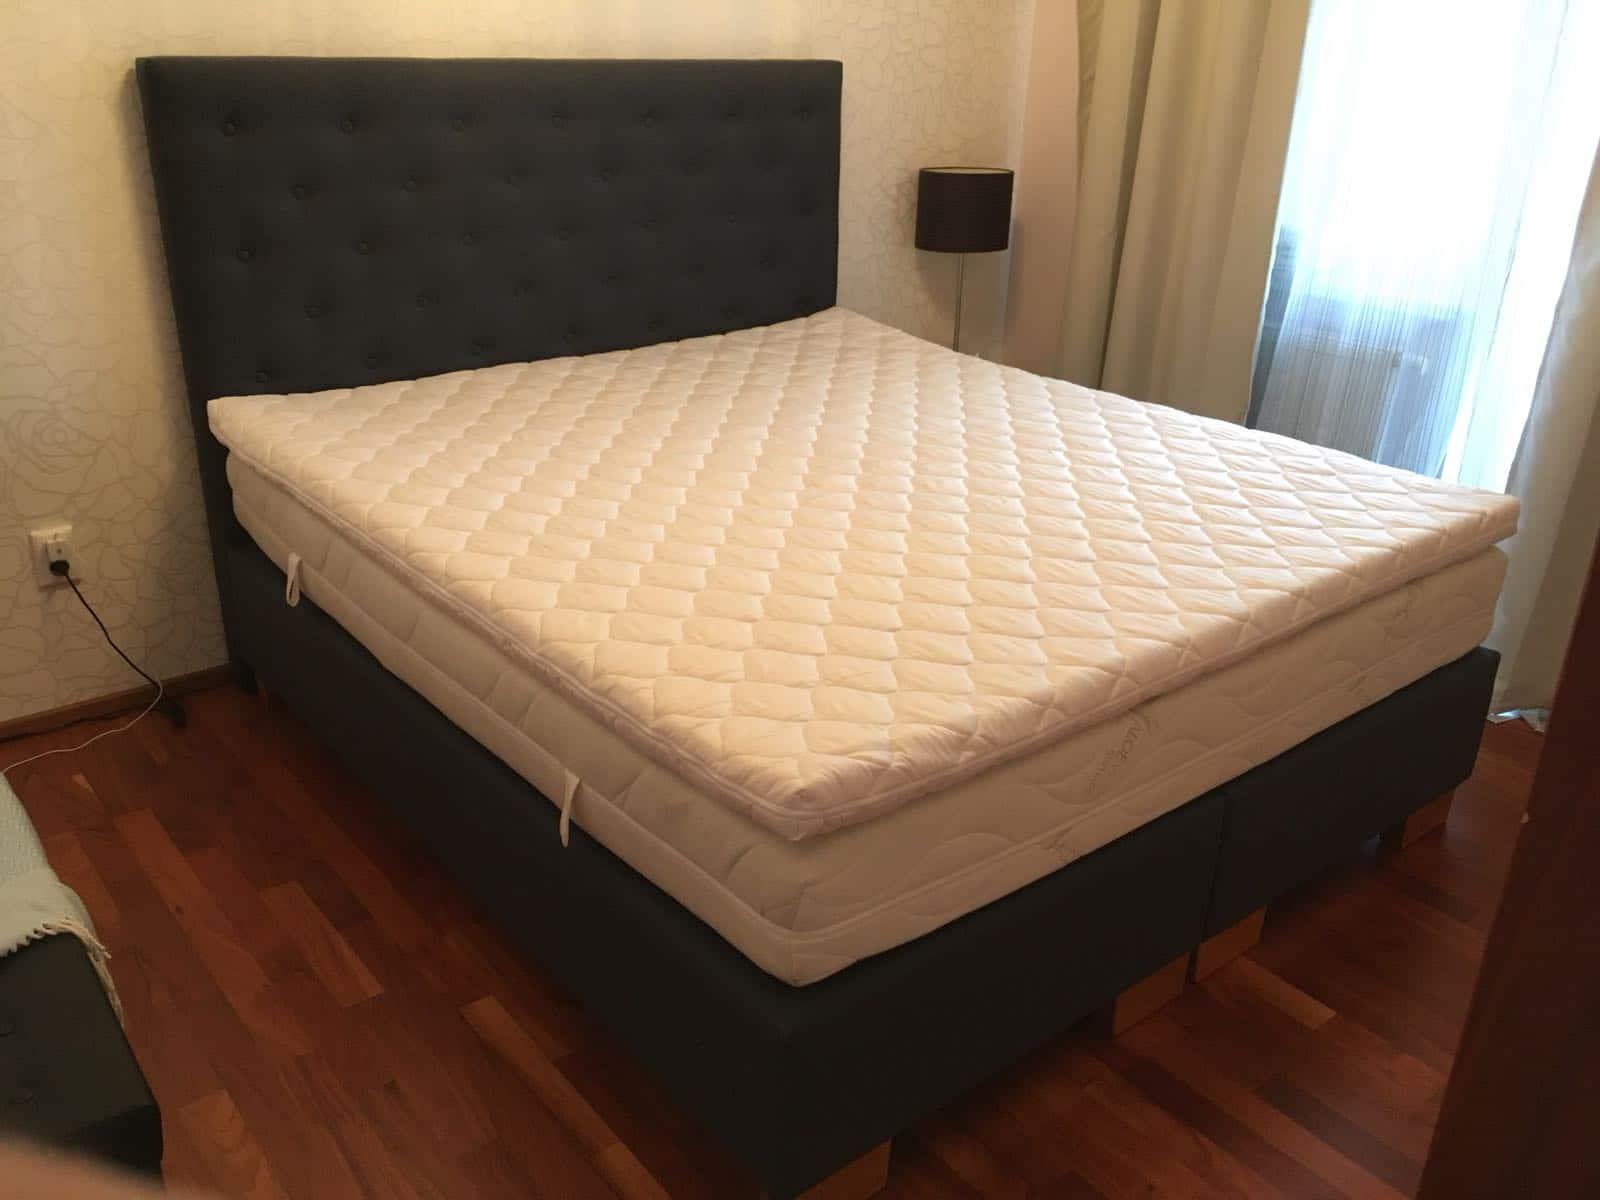 Vysoká posteľ springbox. Posteľ je vyrobená podľa požiadaviek zákazníka s Výškou čela postele až 140cm. Poťah Oxford dotvára na posteli príjemnú štruktúru